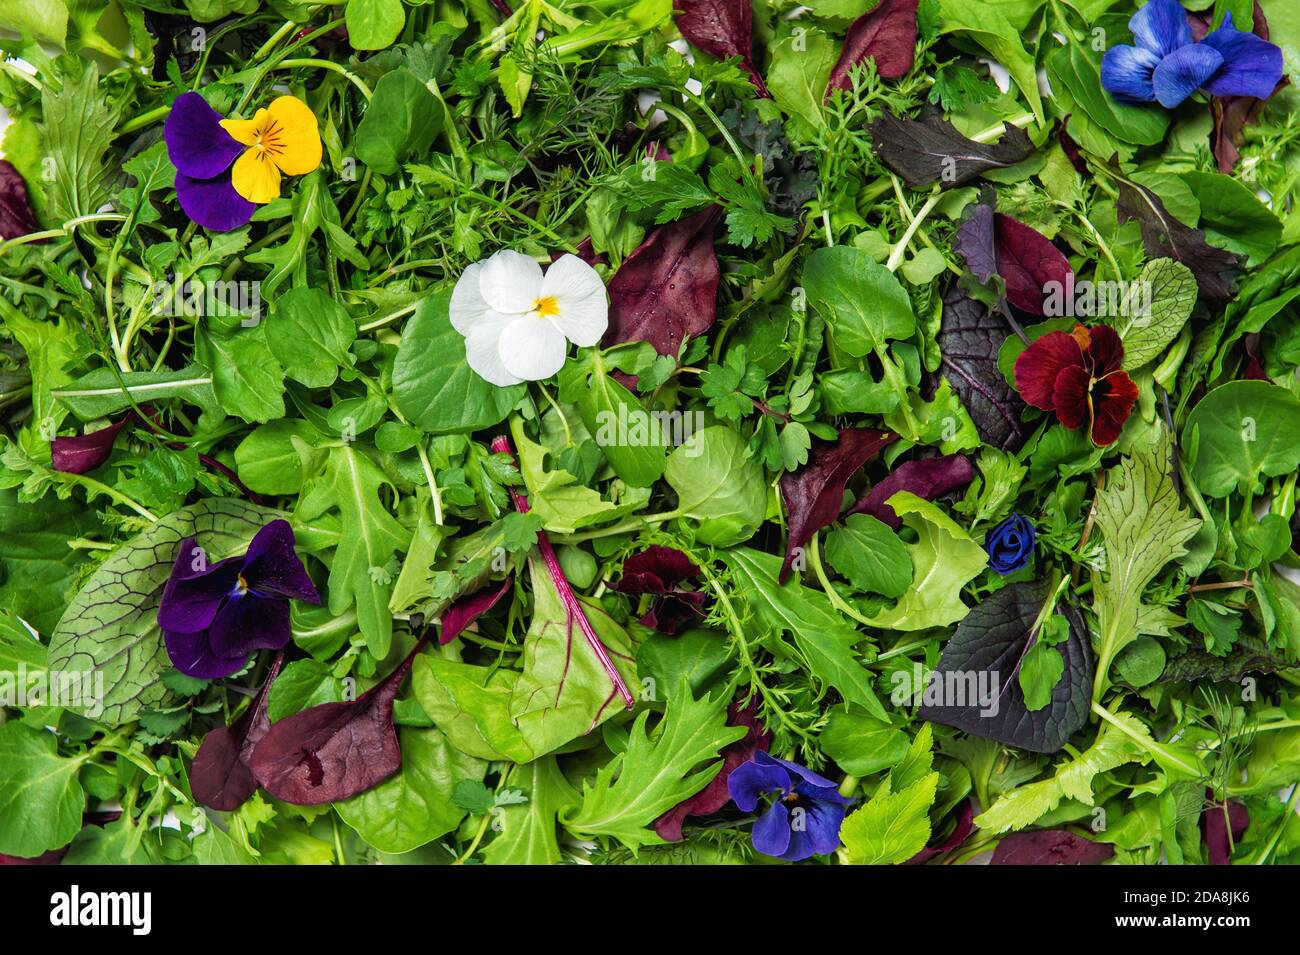 Salade de feuilles aux fleurs comestibles. Une alimentation saine. La nourriture Banque D'Images